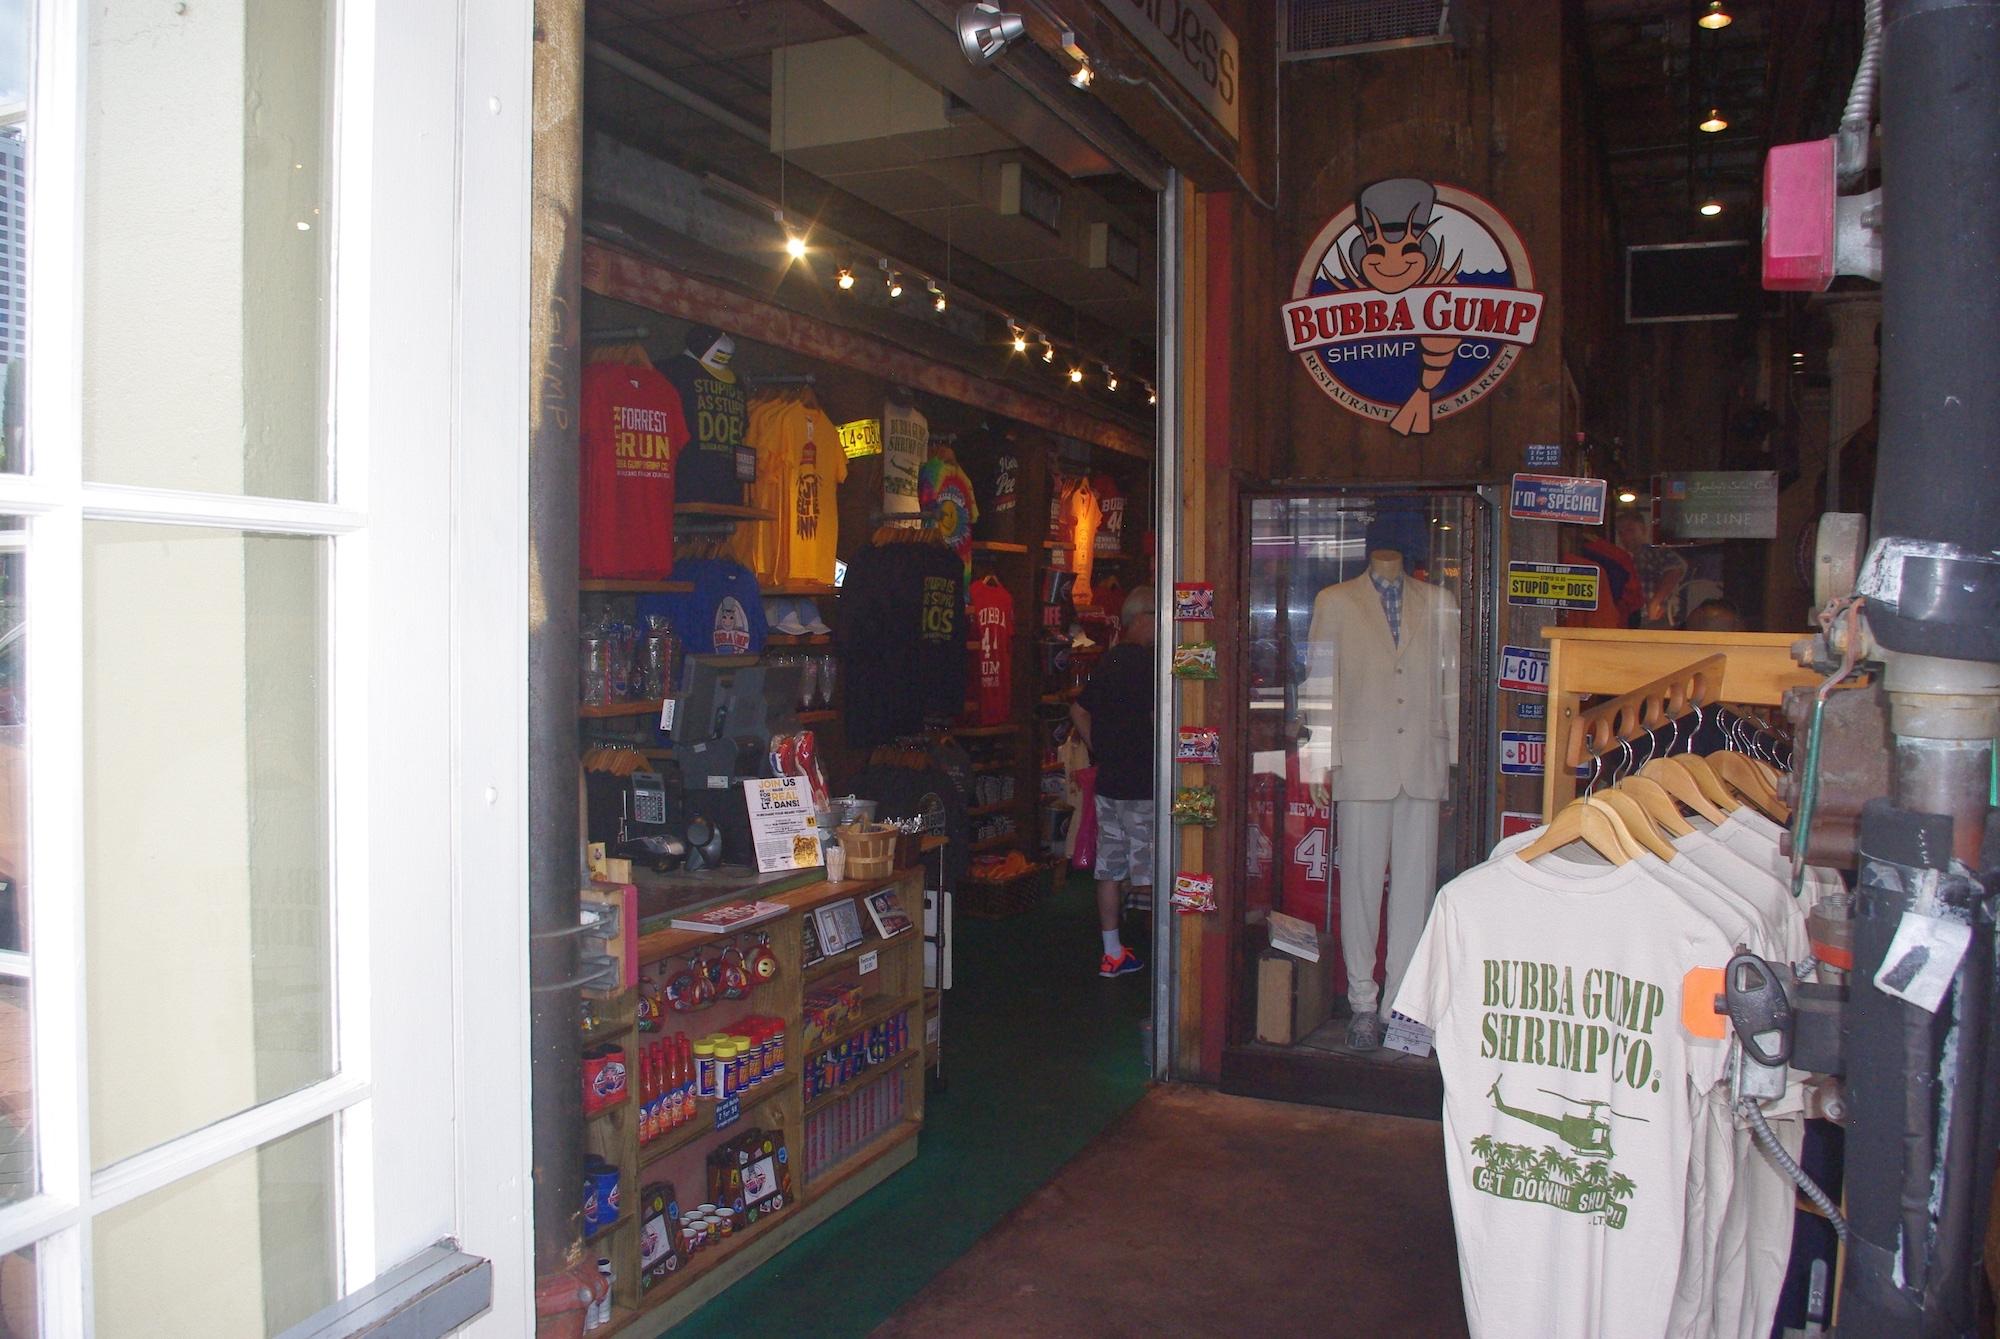 Un magasin entièrement consacré à Forrest Gump. On peut même y manger des crevettes (de Bubba !)